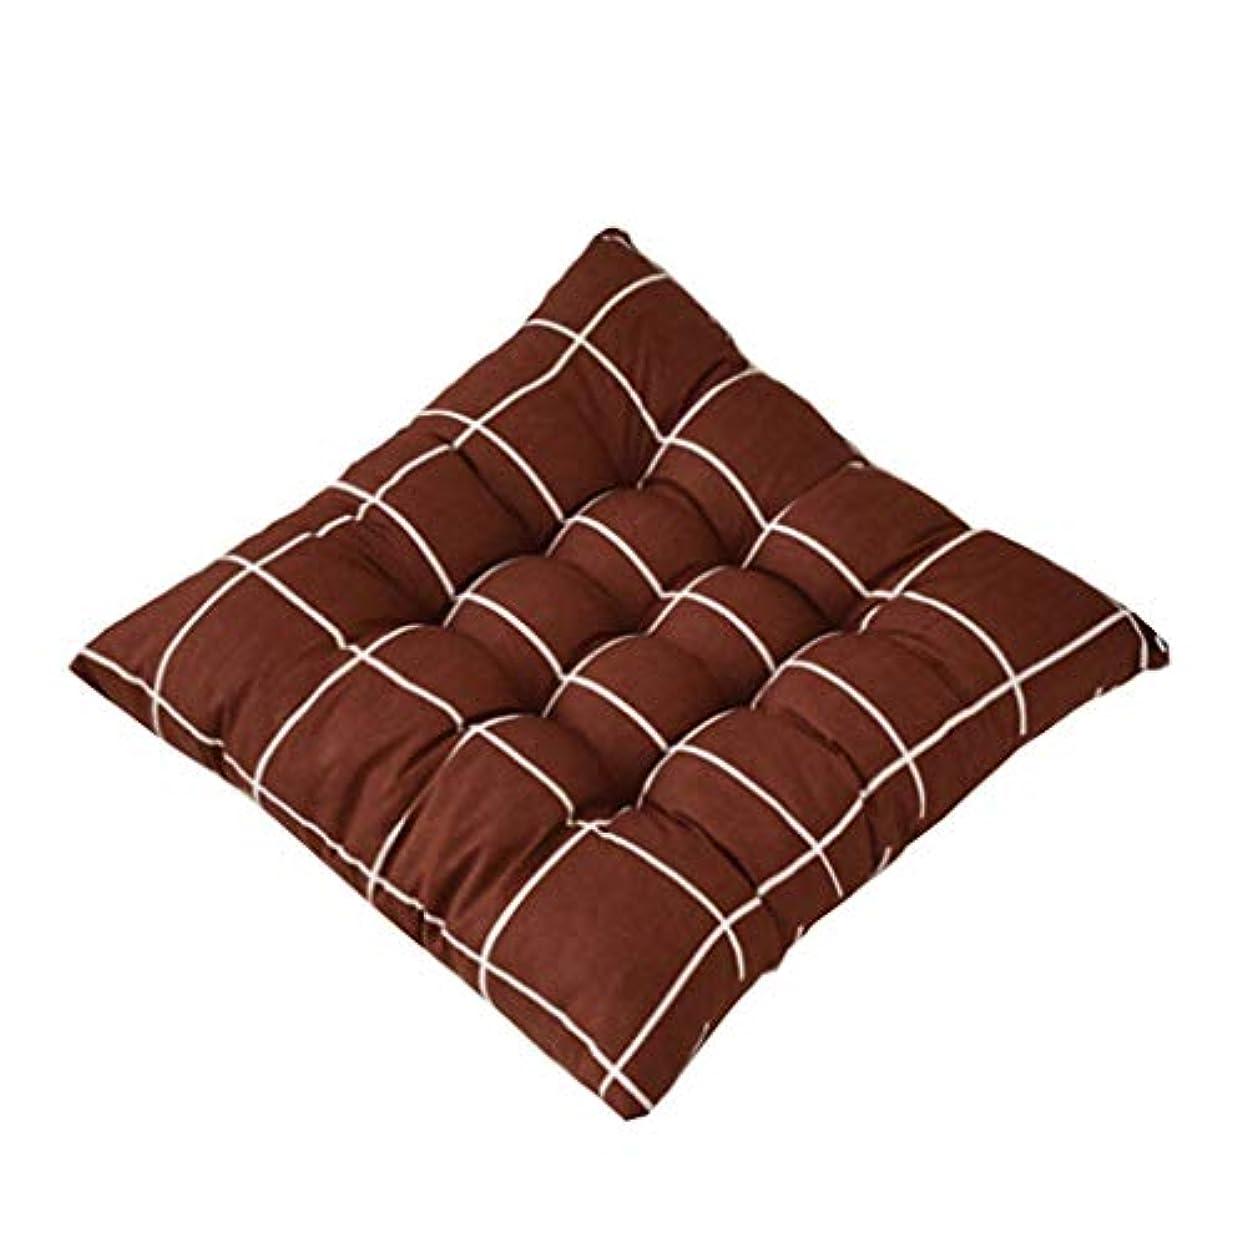 チョップでアプローチLIFE 正方形の椅子パッド厚いシートクッションダイニングパティオホームオフィス屋内屋外ガーデンソファ臀部クッション 40 × 40 センチメートル クッション 椅子